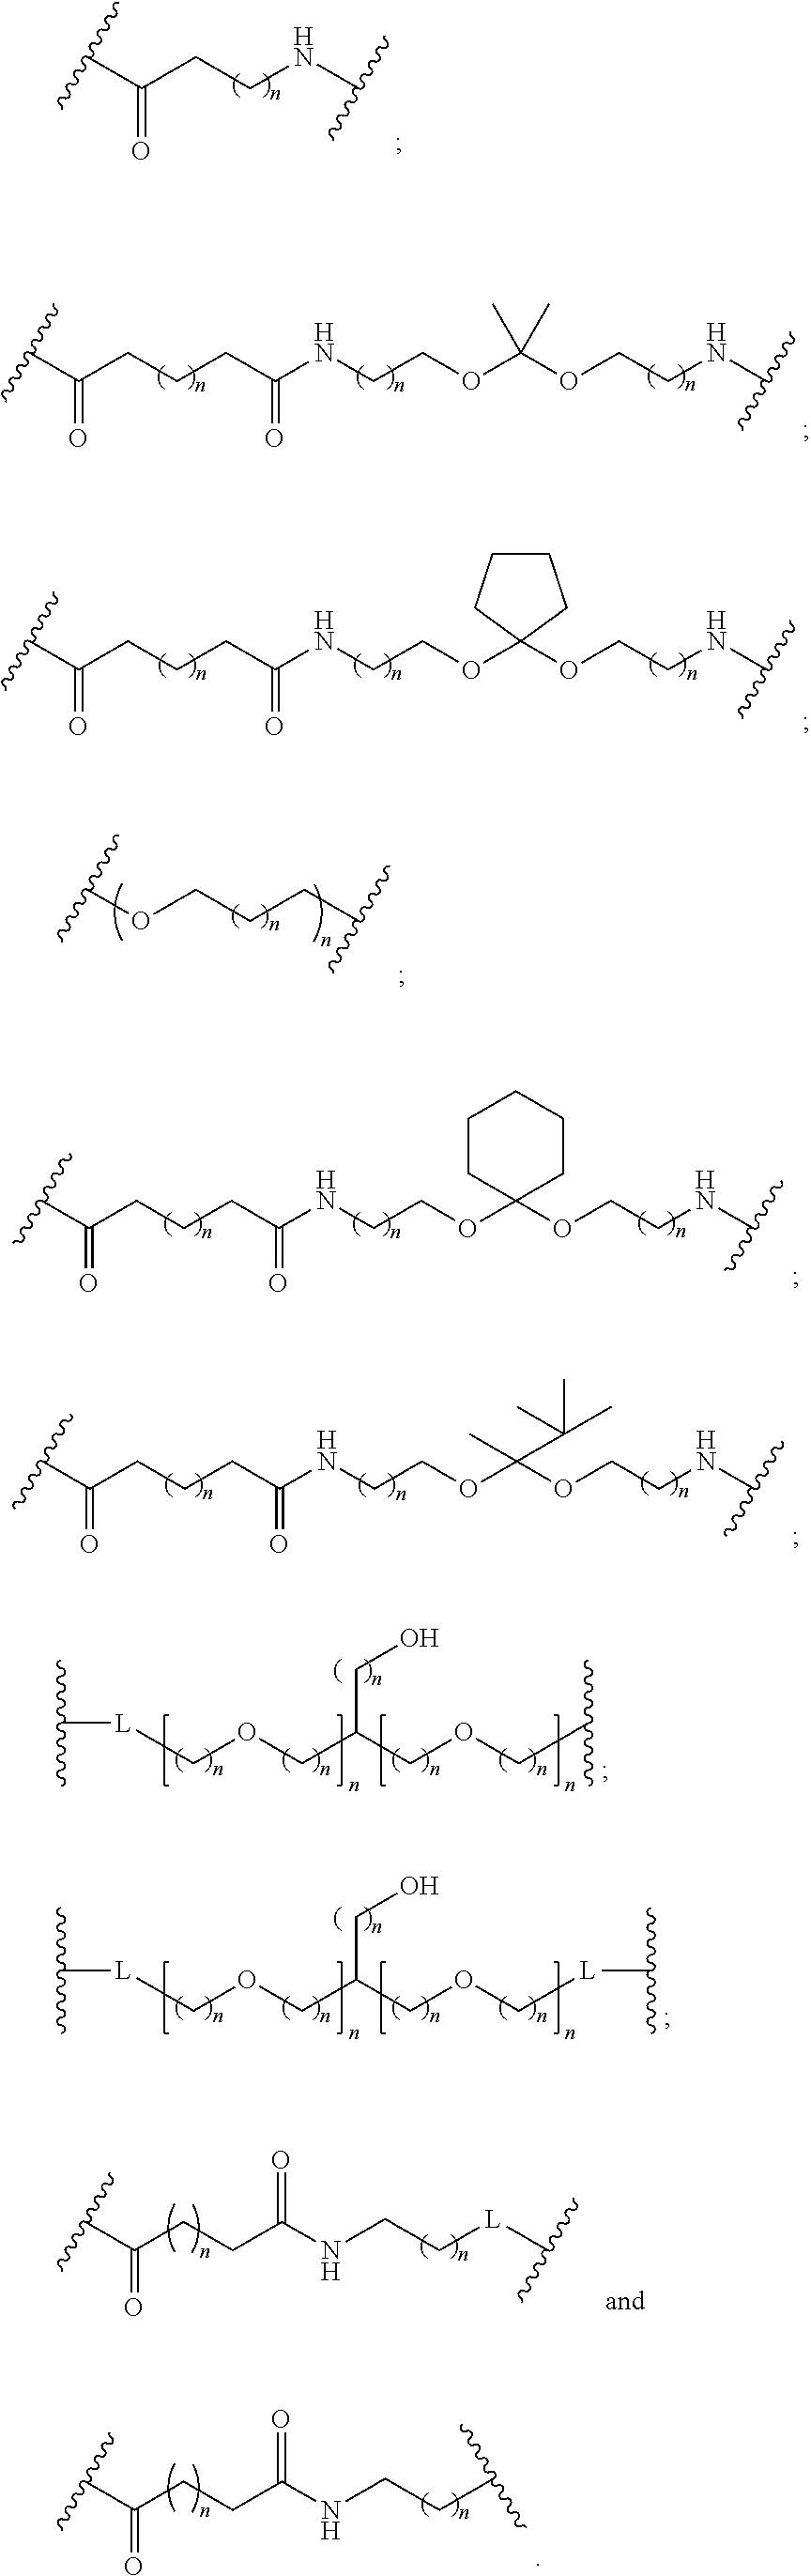 Figure US09932581-20180403-C00146